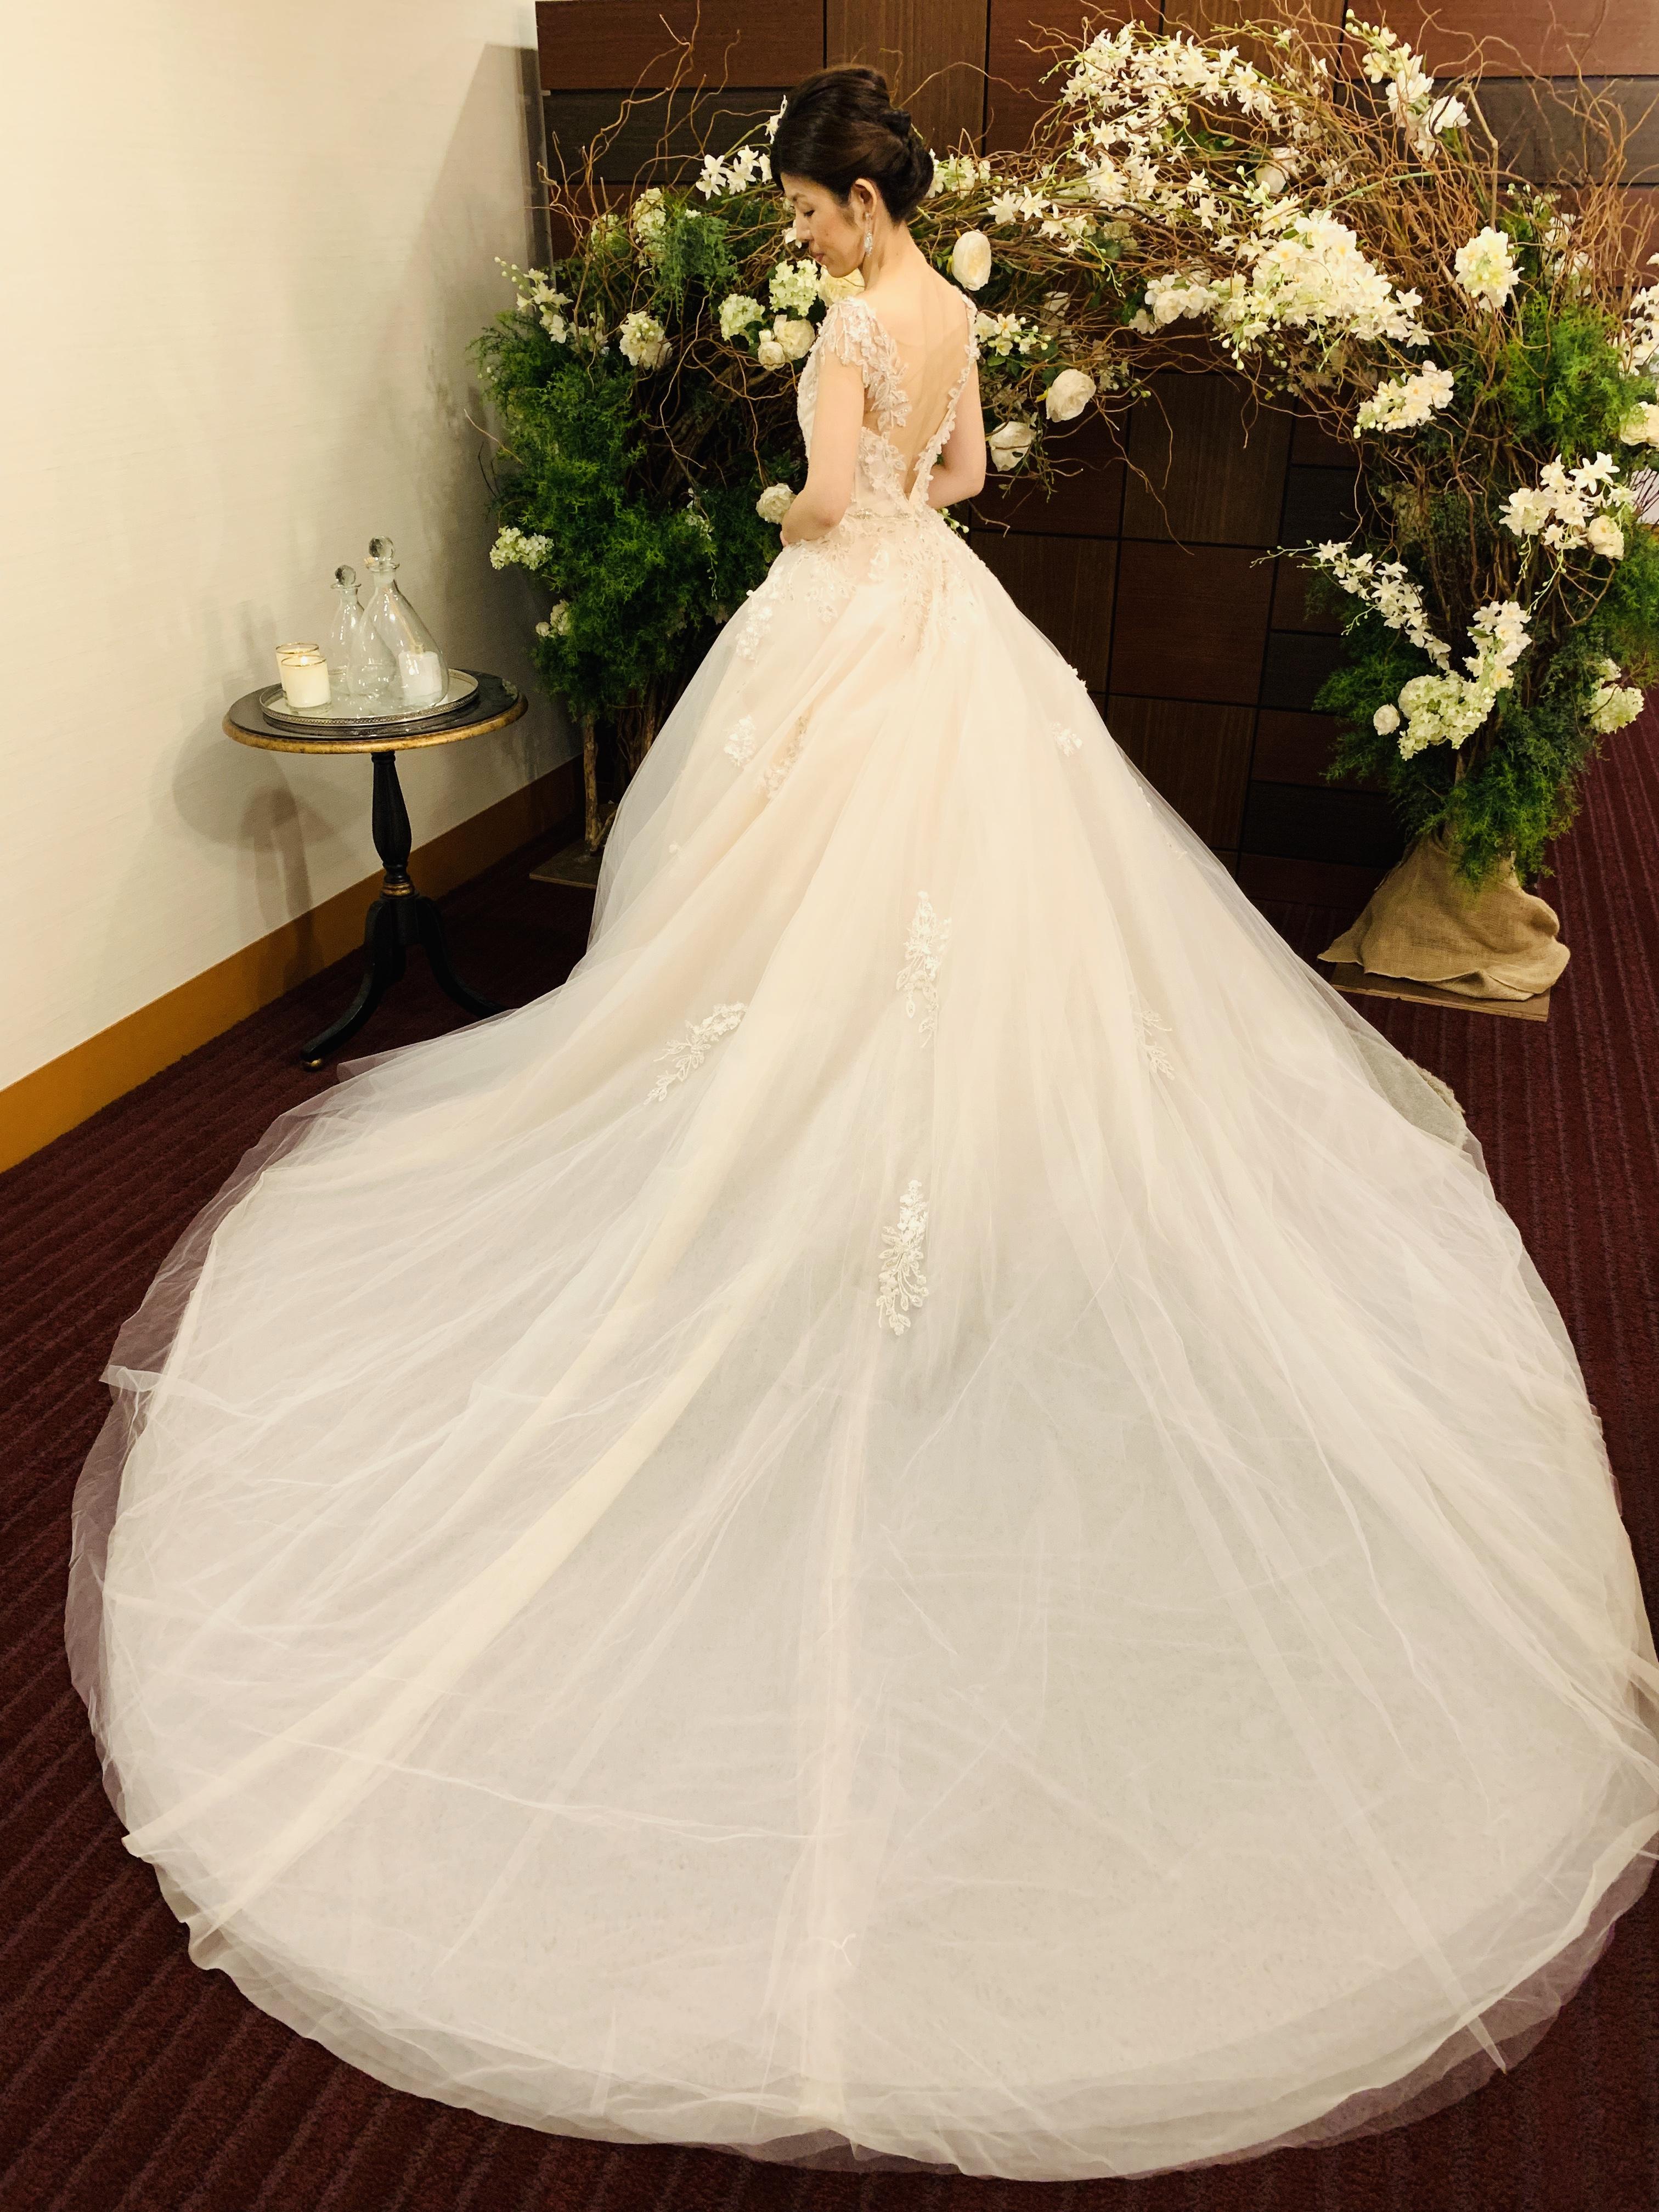 INES DI SANTO(イネスディサント)を身に纏いワンランク上のフェミニンな花嫁様へ